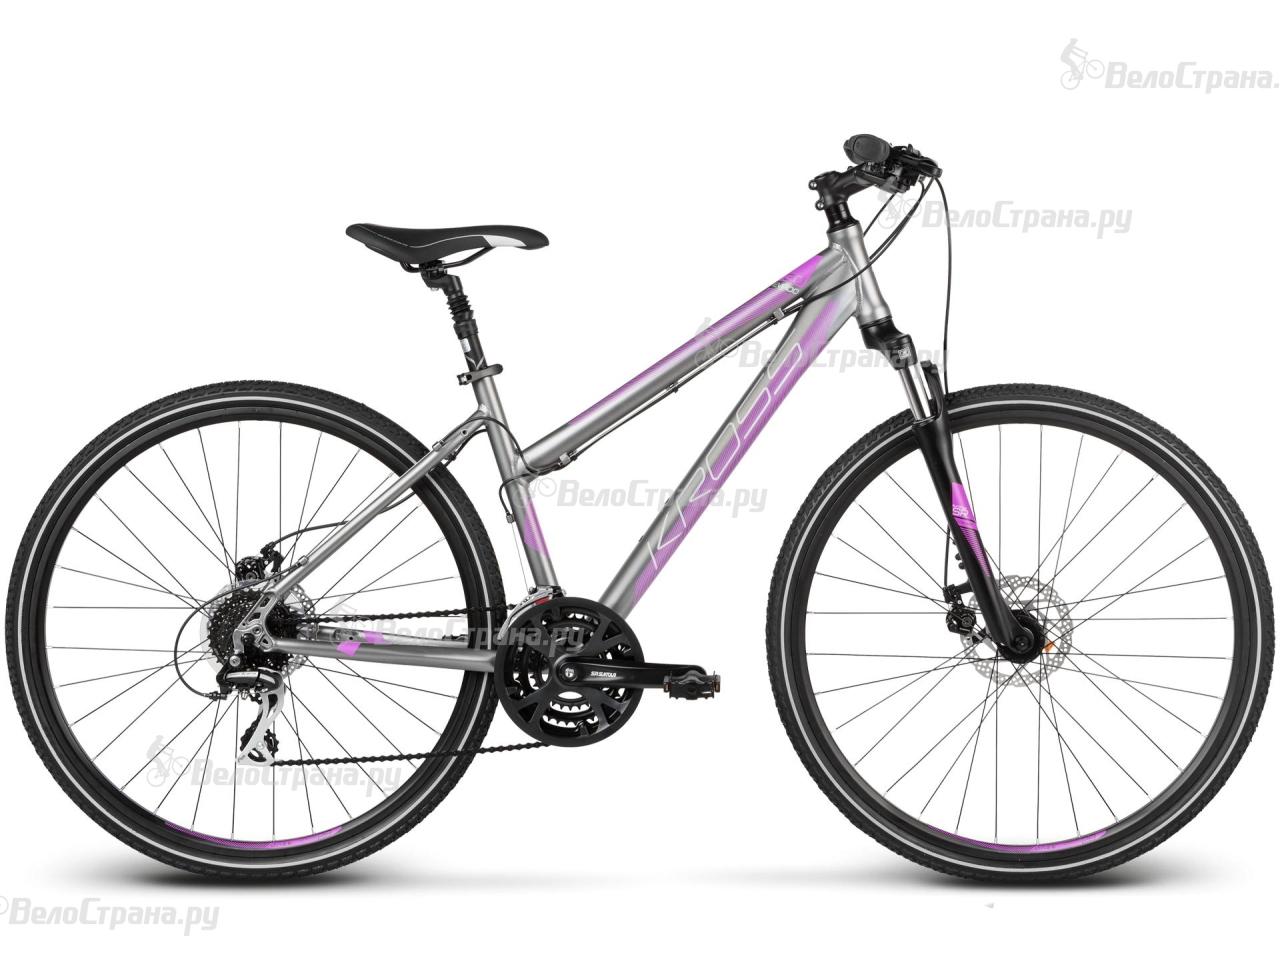 Велосипед Kross Evado 3.0 Lady (2017) велосипед kross evado 1 0 lady 2017